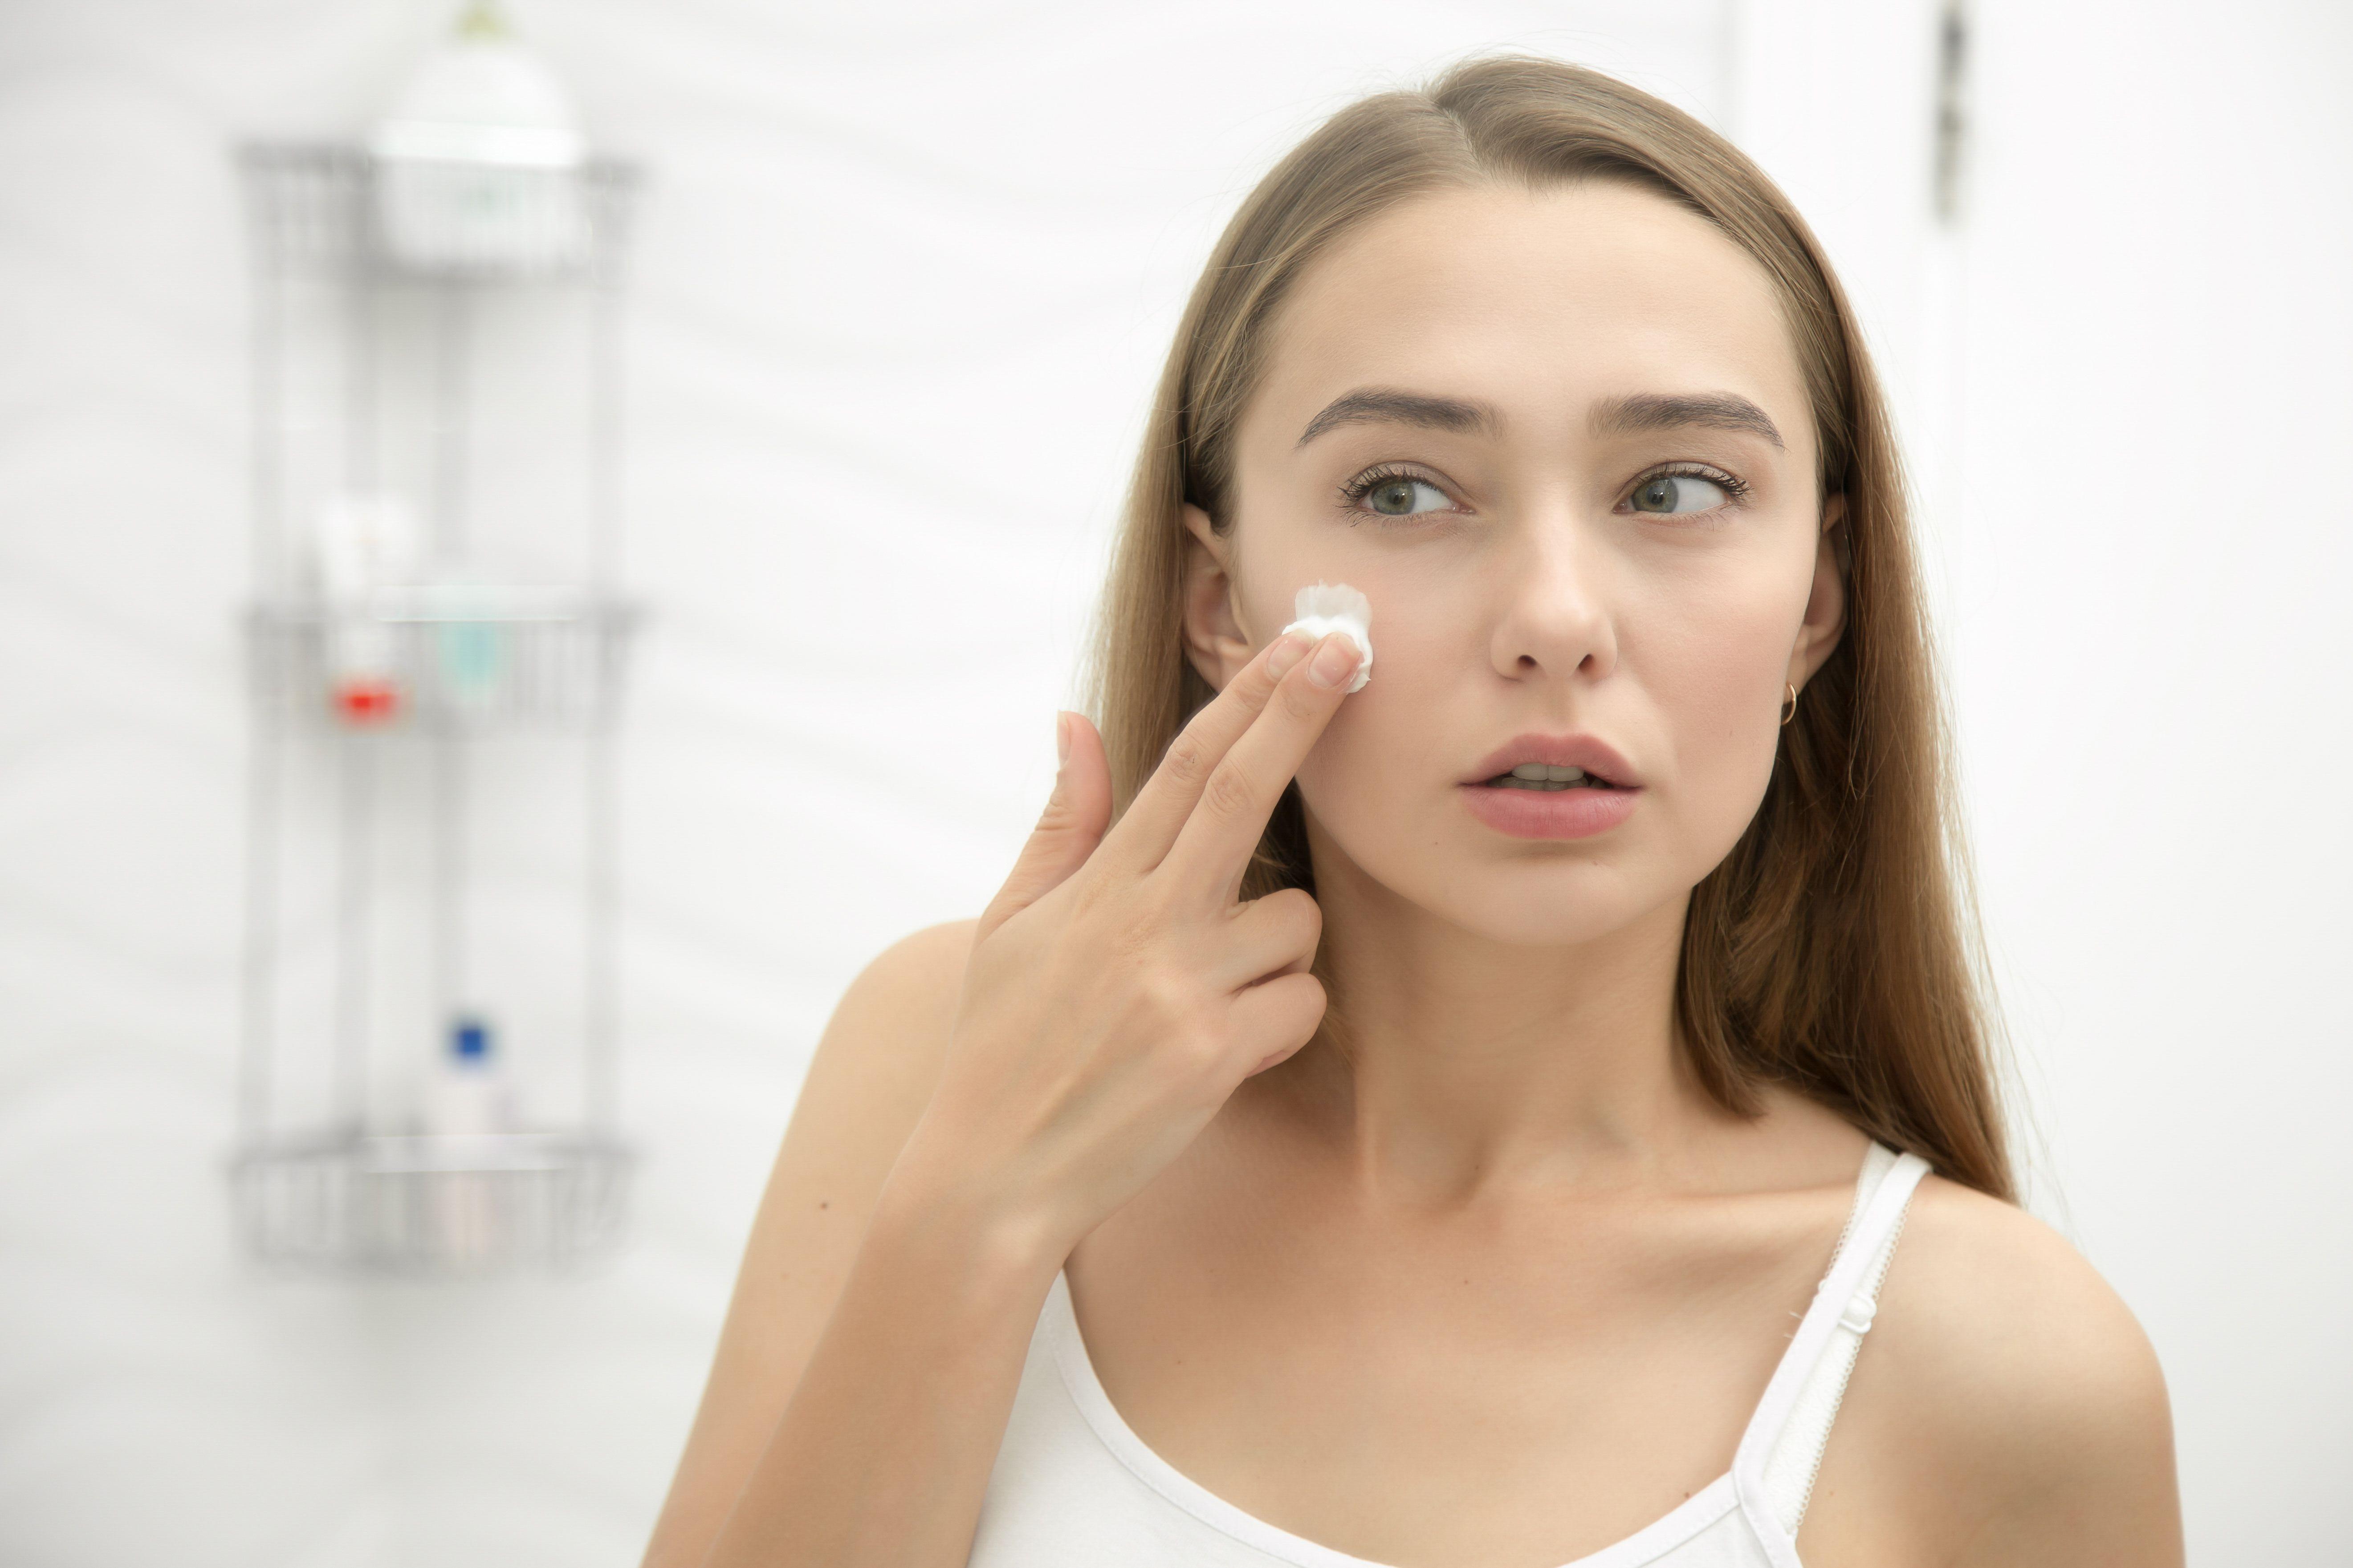 Після вмивання важливо тонізувати шкіру засобом 1b00c45800946